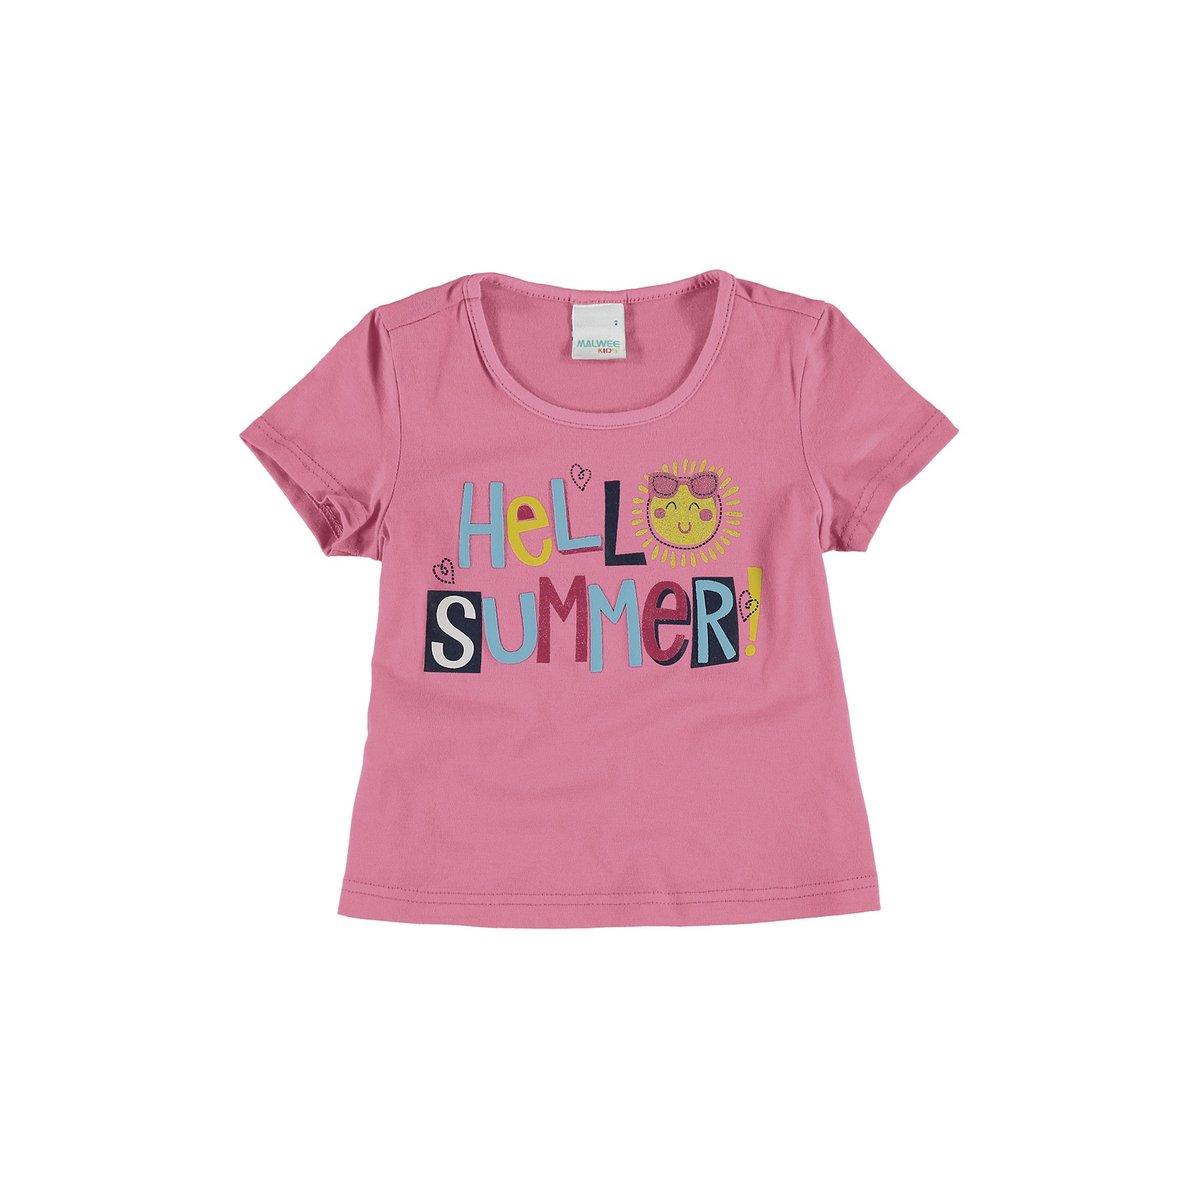 Camiseta estampada infantil - Compre Agora  809ef1f39f9